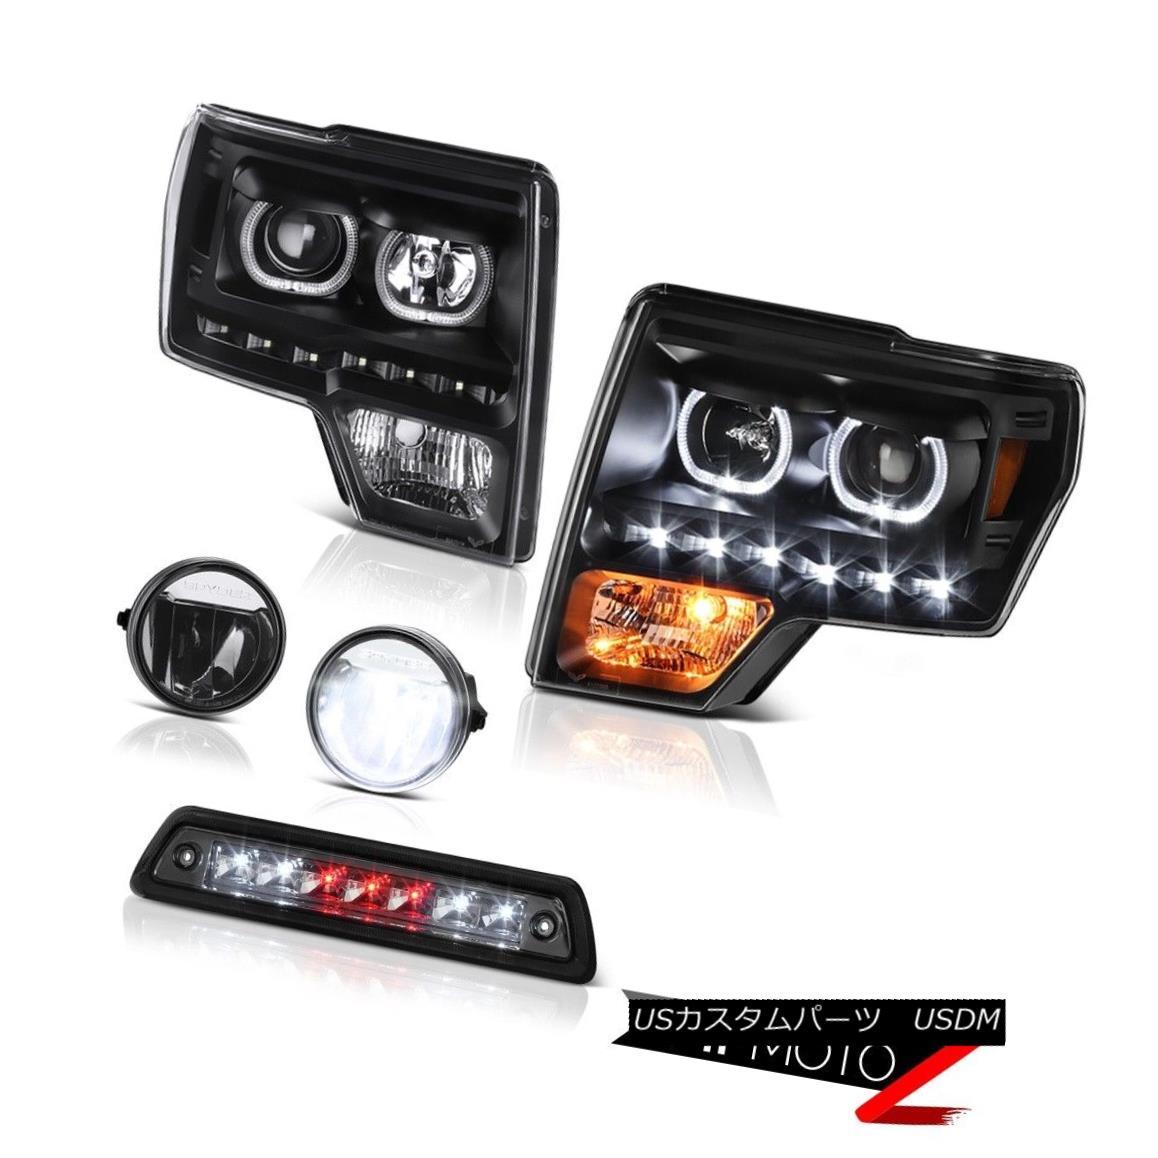 テールライト 09-14 F150 STX Smokey high stop light foglamps headlamps Angel Eyes Dual Halo 09-14 F150 STXスモーキーハイストップライトフォグランプヘッドランプエンジェルアイズデュアルヘイロー